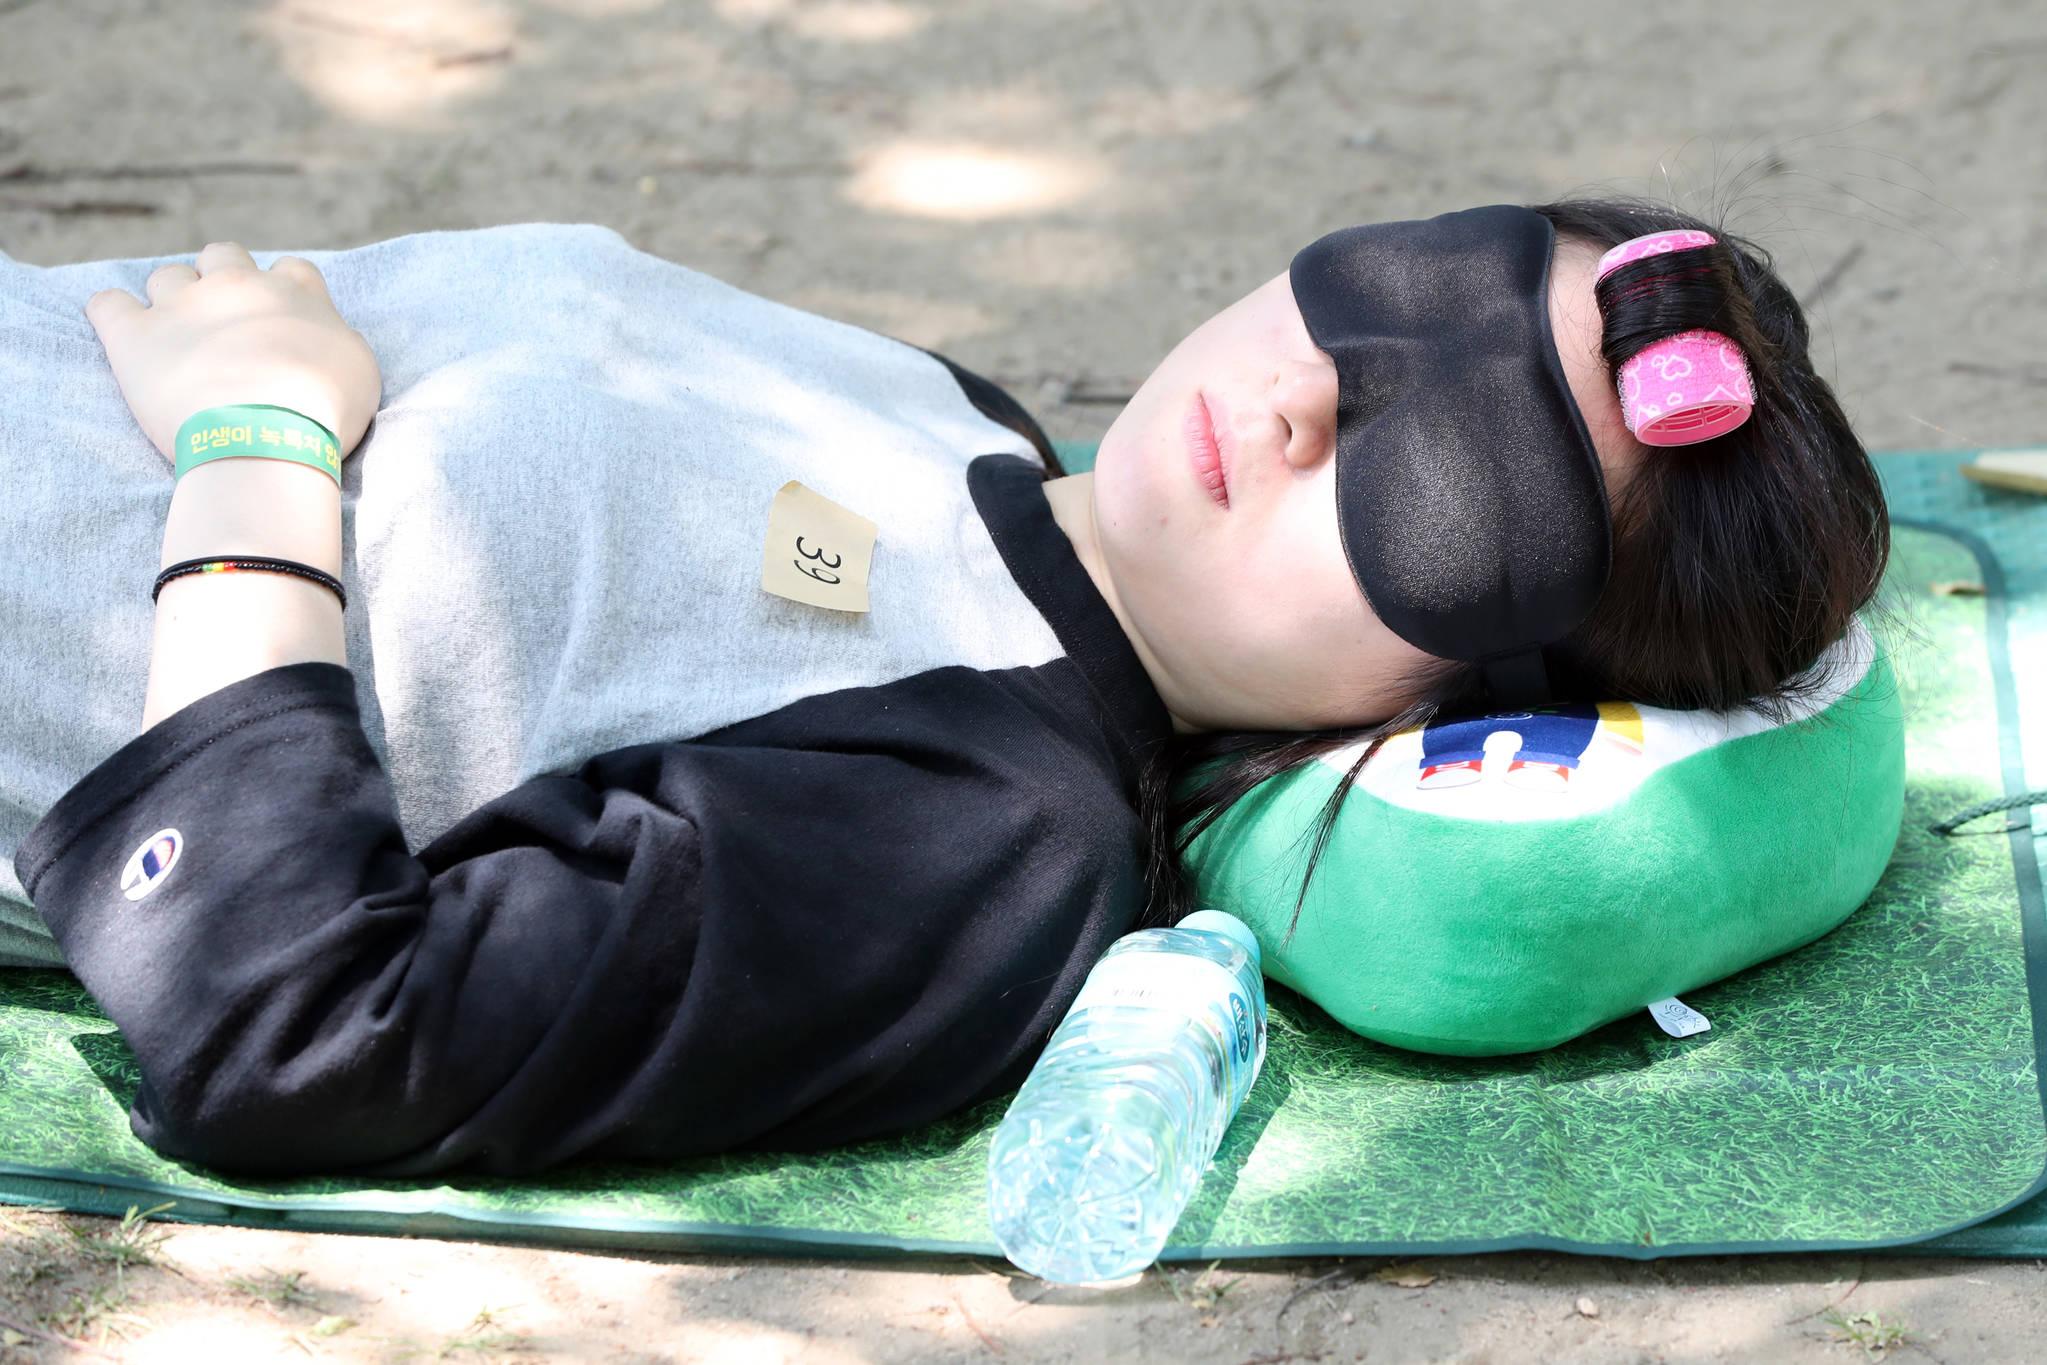 헤어롤을 하고 잠든 참가자.